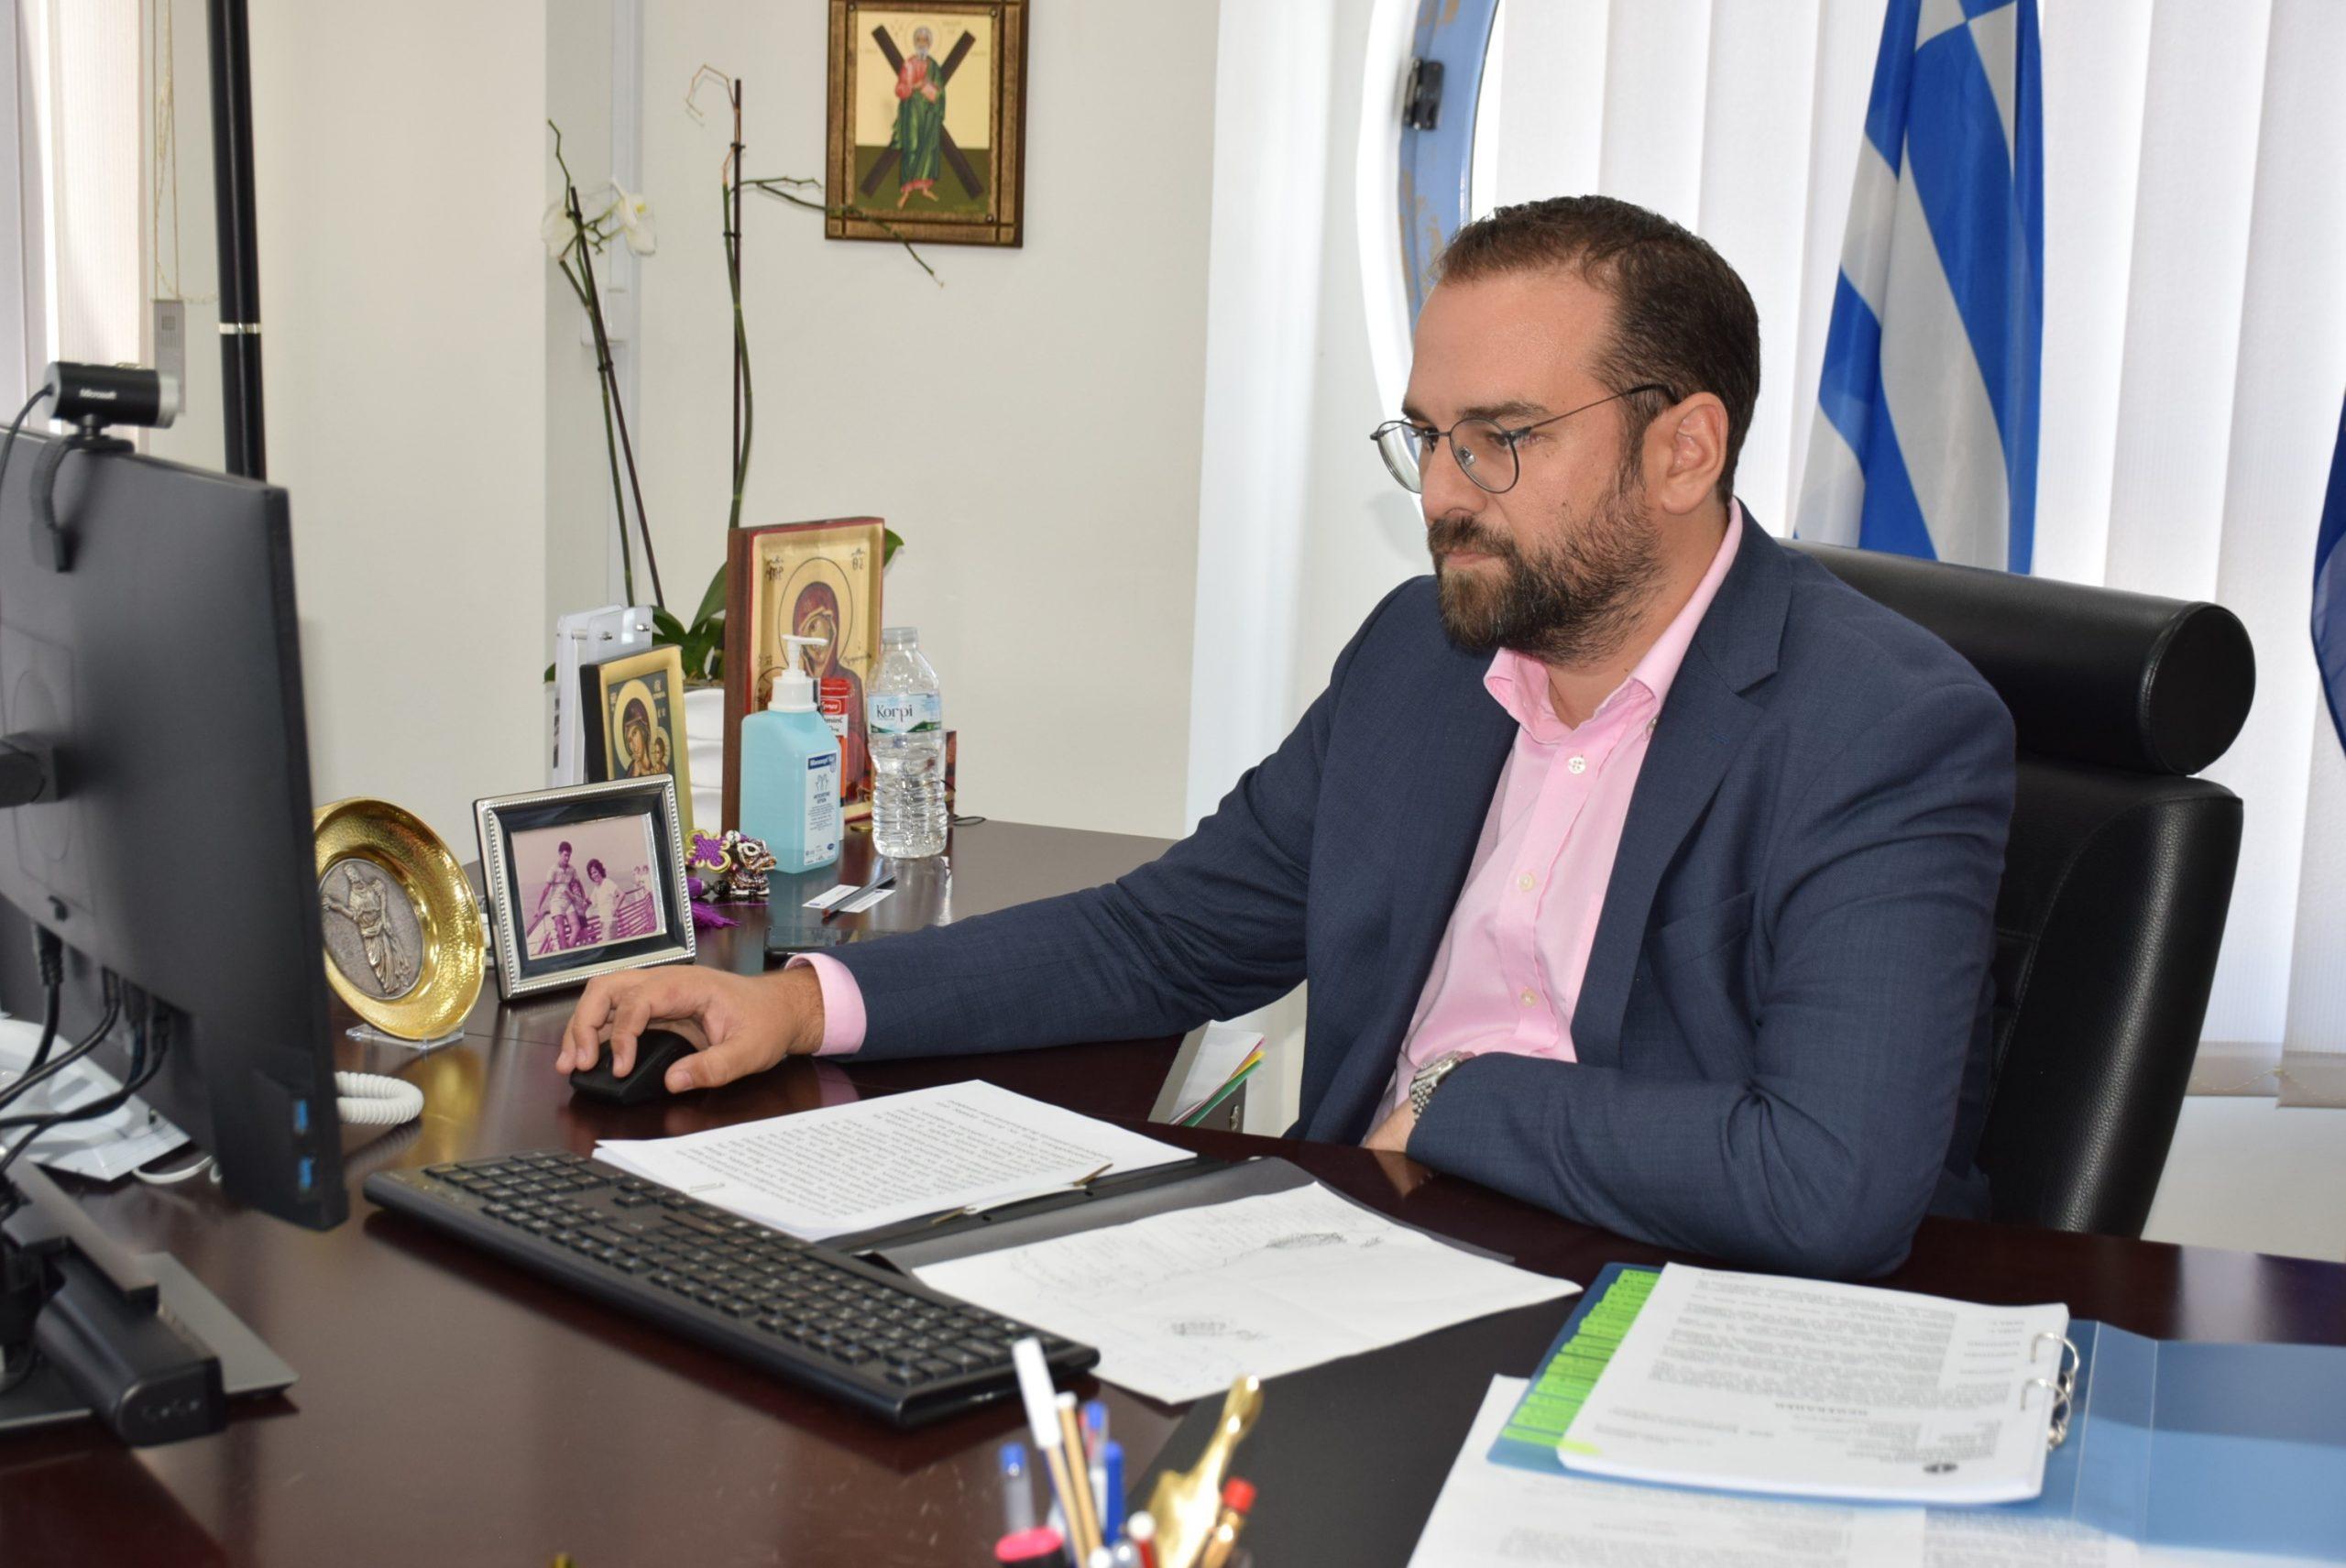 ΠΔΕ: N. Φαρμάκης για το φυσικό αέριο στη Δυτική Ελλάδα (Πάτρα- Πύργο- Αγρίνιο): Σε λιγότερο από μήνα η δημόσια πρόσκληση